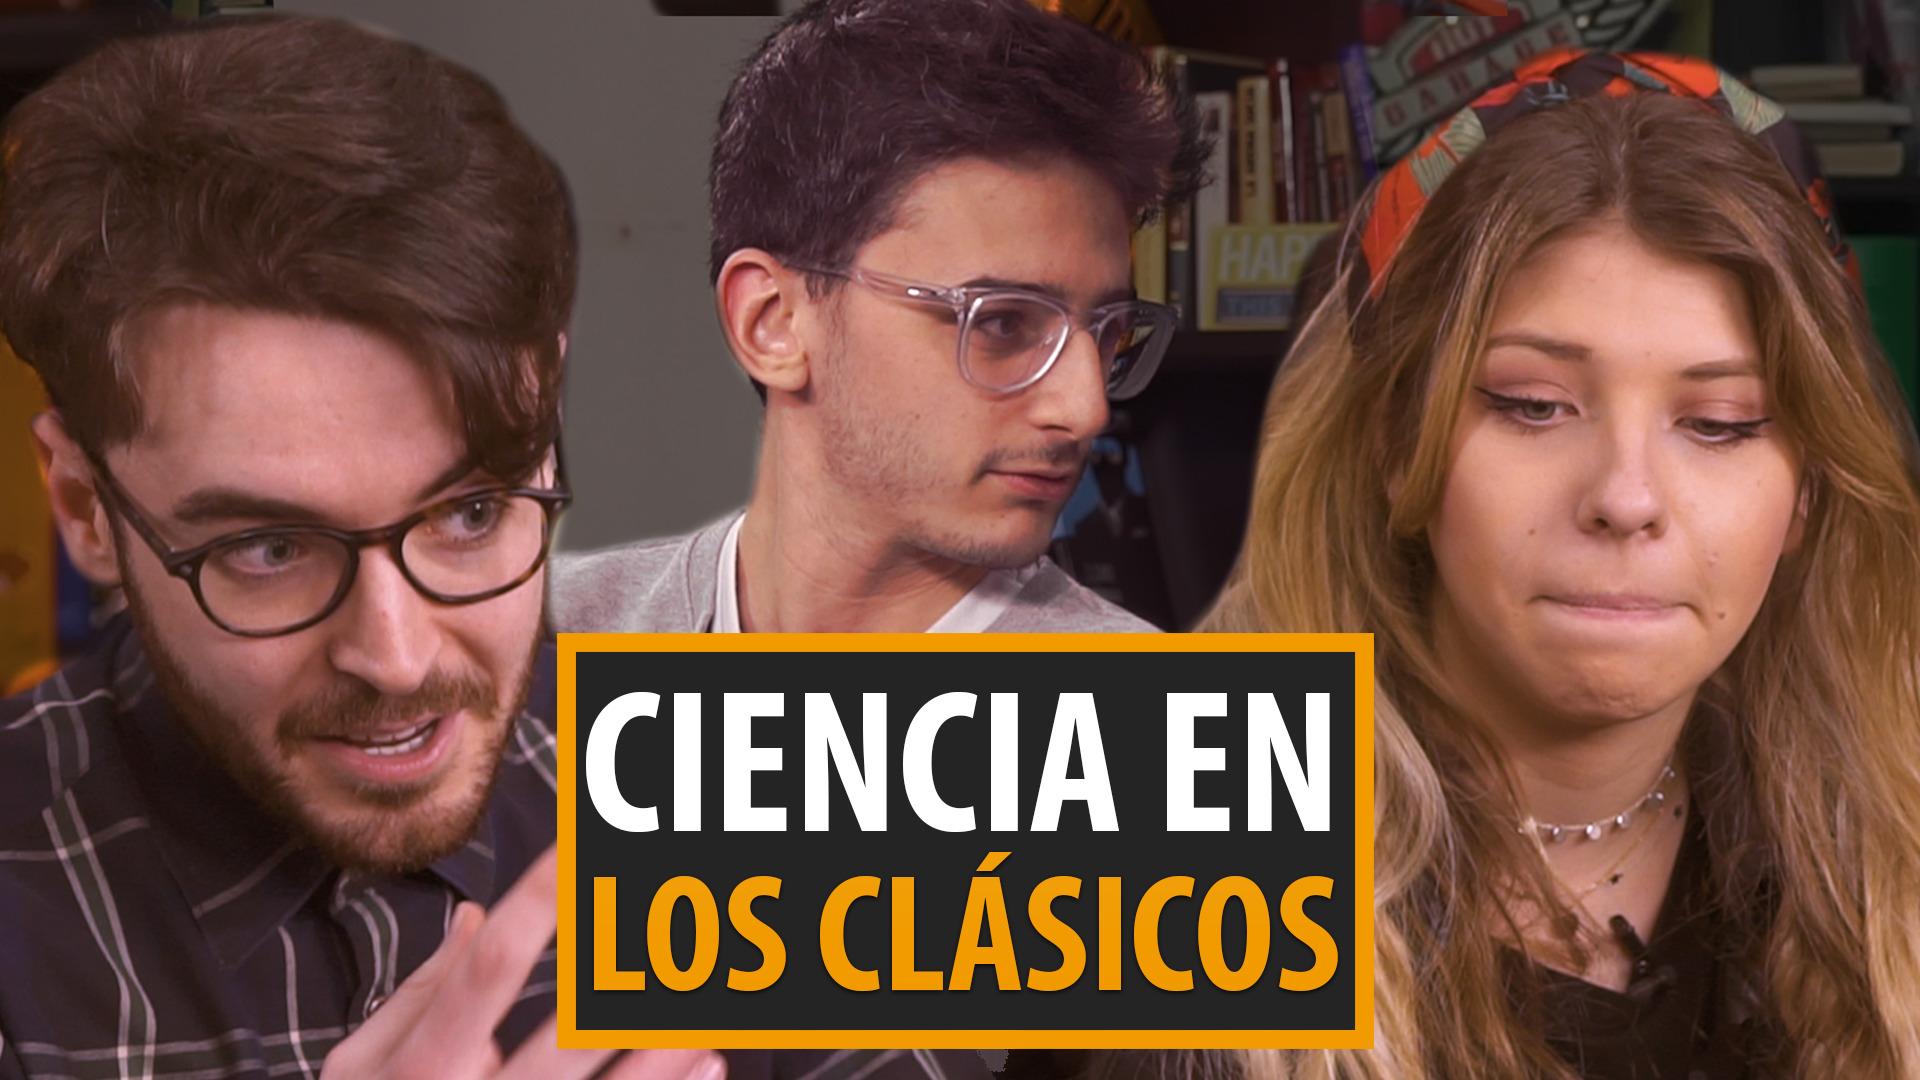 Temporada 2 Ciencia en los clásicos con QuantumFracture